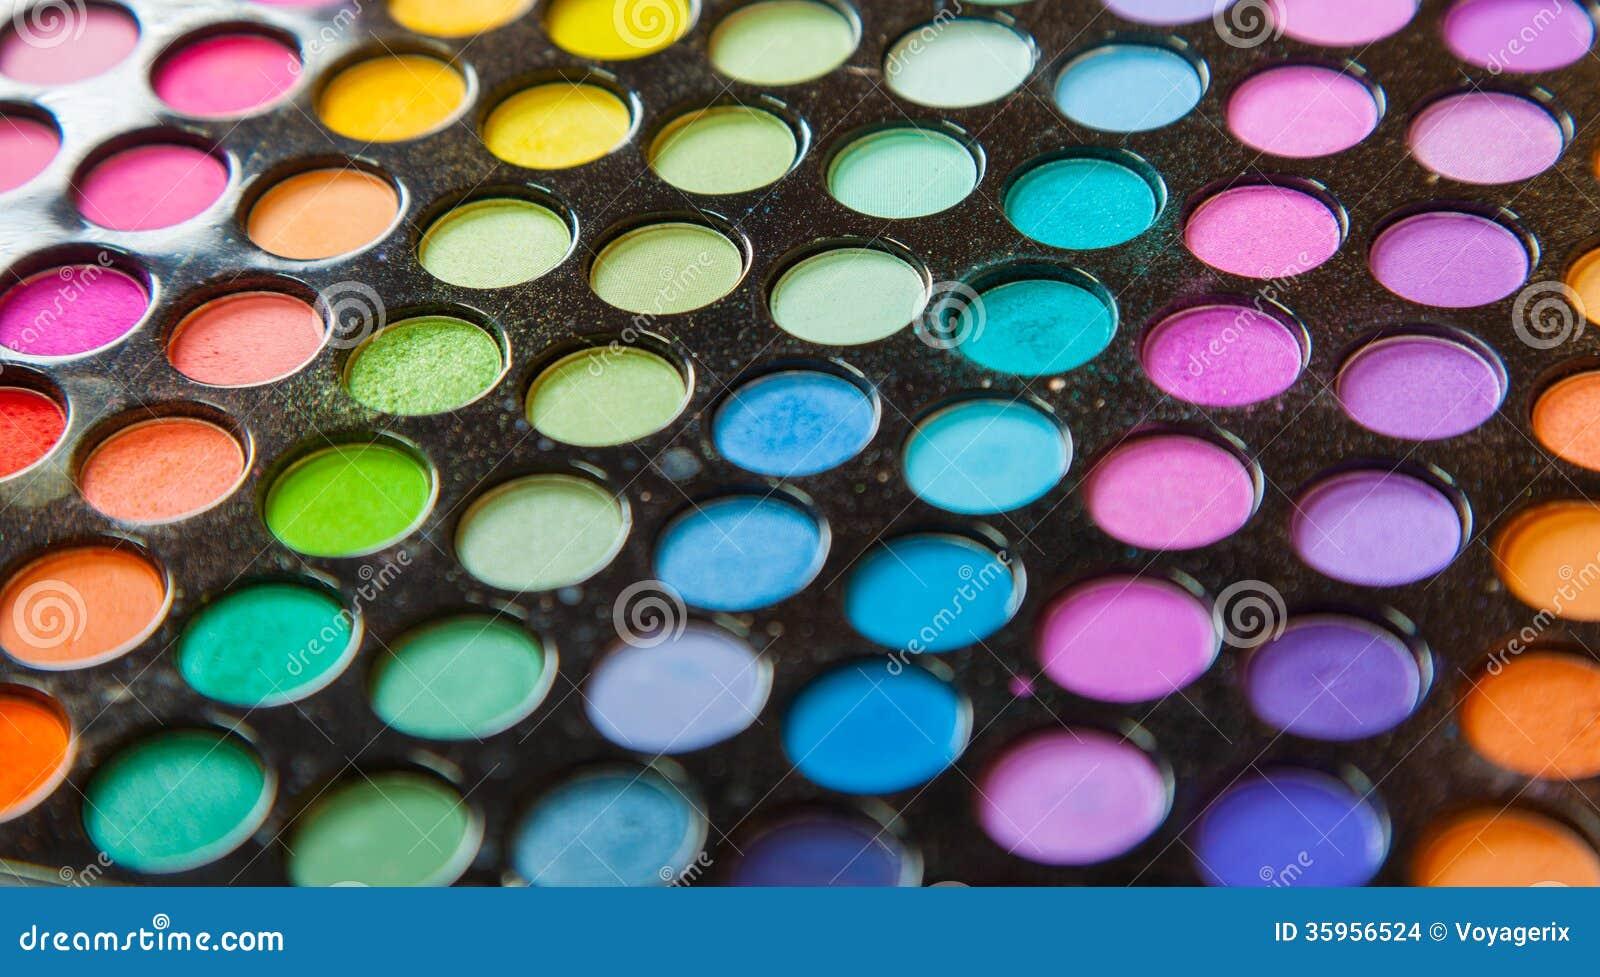 Sombras de ojos coloridas profesionales de la paleta. Fondo determinado del maquillaje.